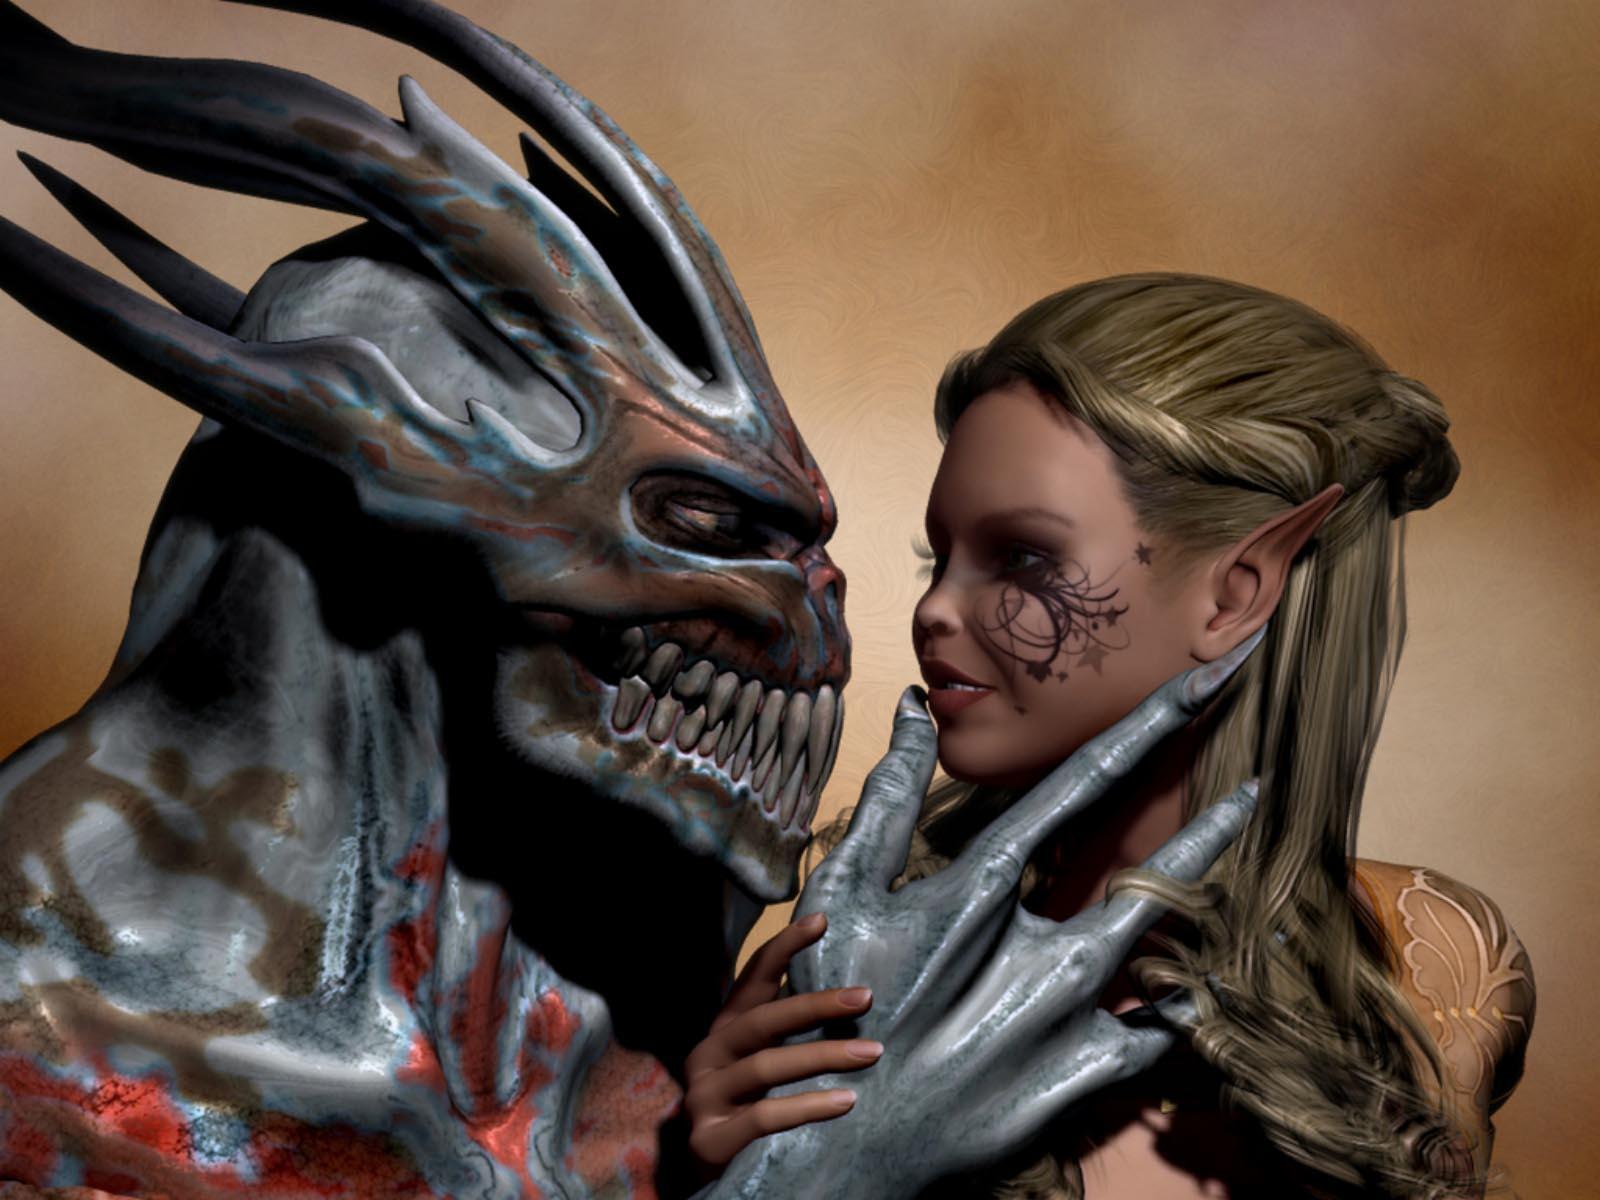 дьявол и девушка эльфийка, скачать фото, эльф